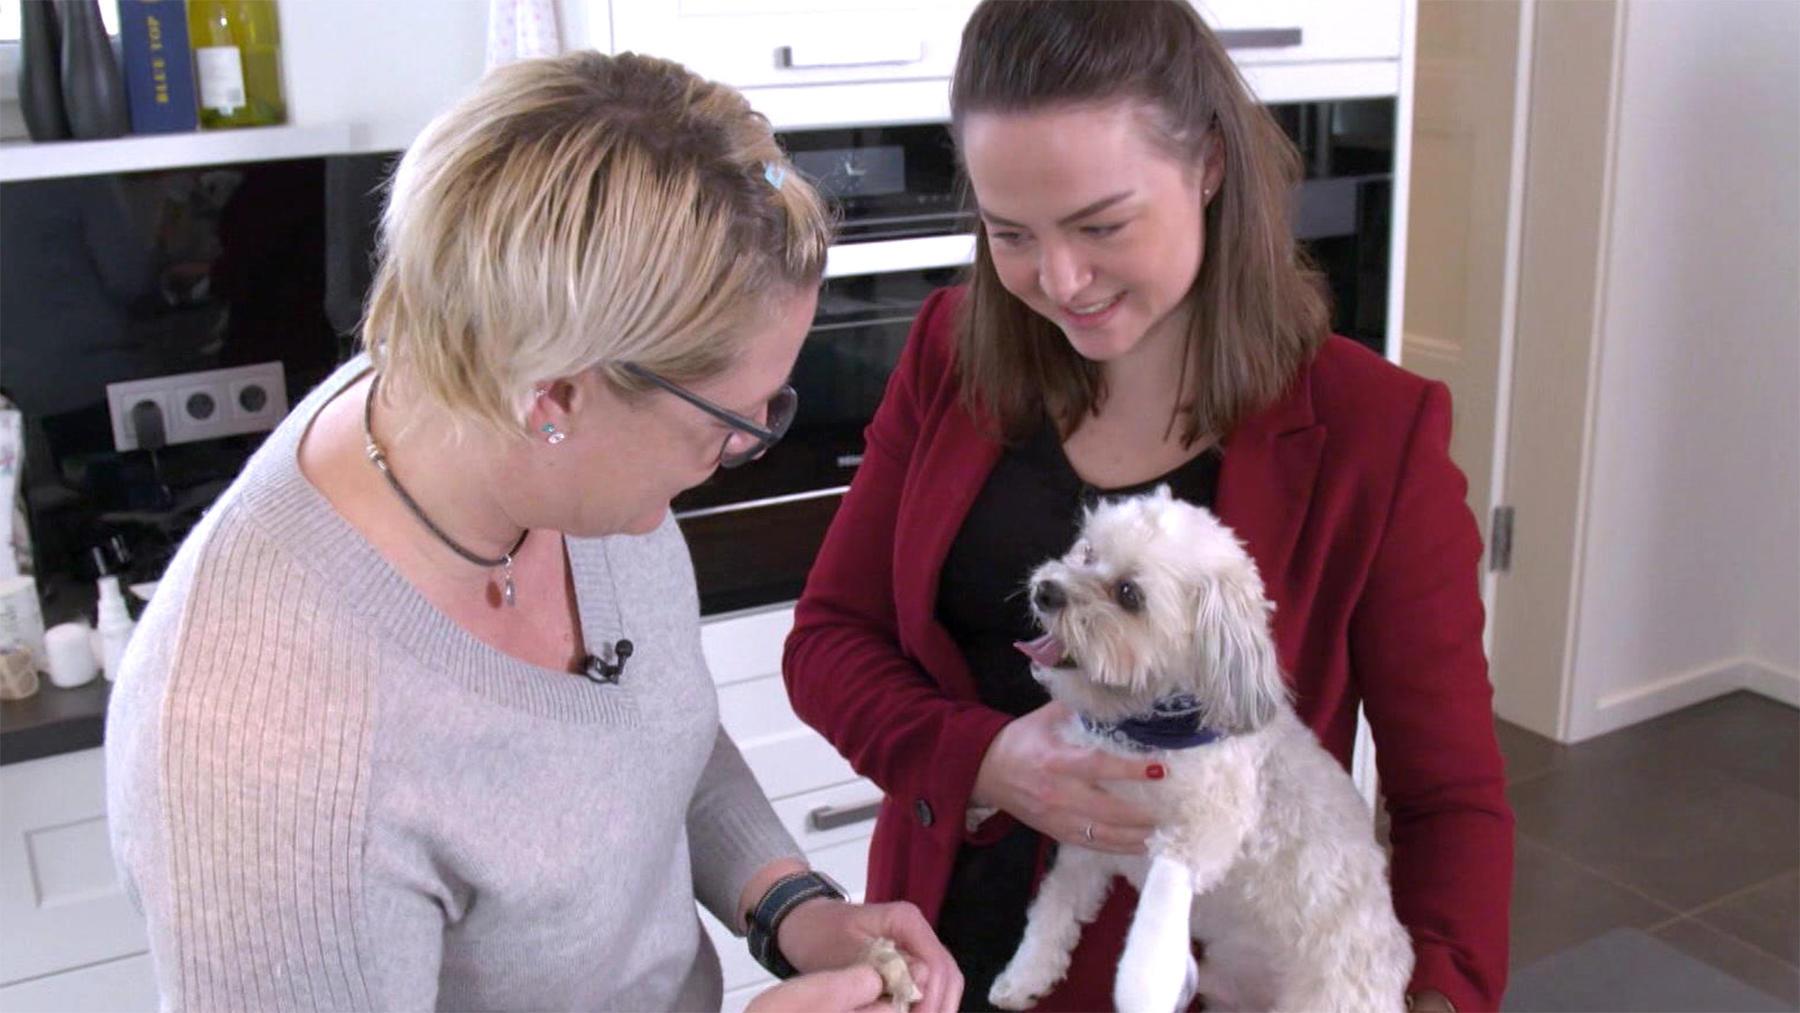 Heute u.a.: Checkpunkte - Wann ein Tier zum Tierarzt muss?